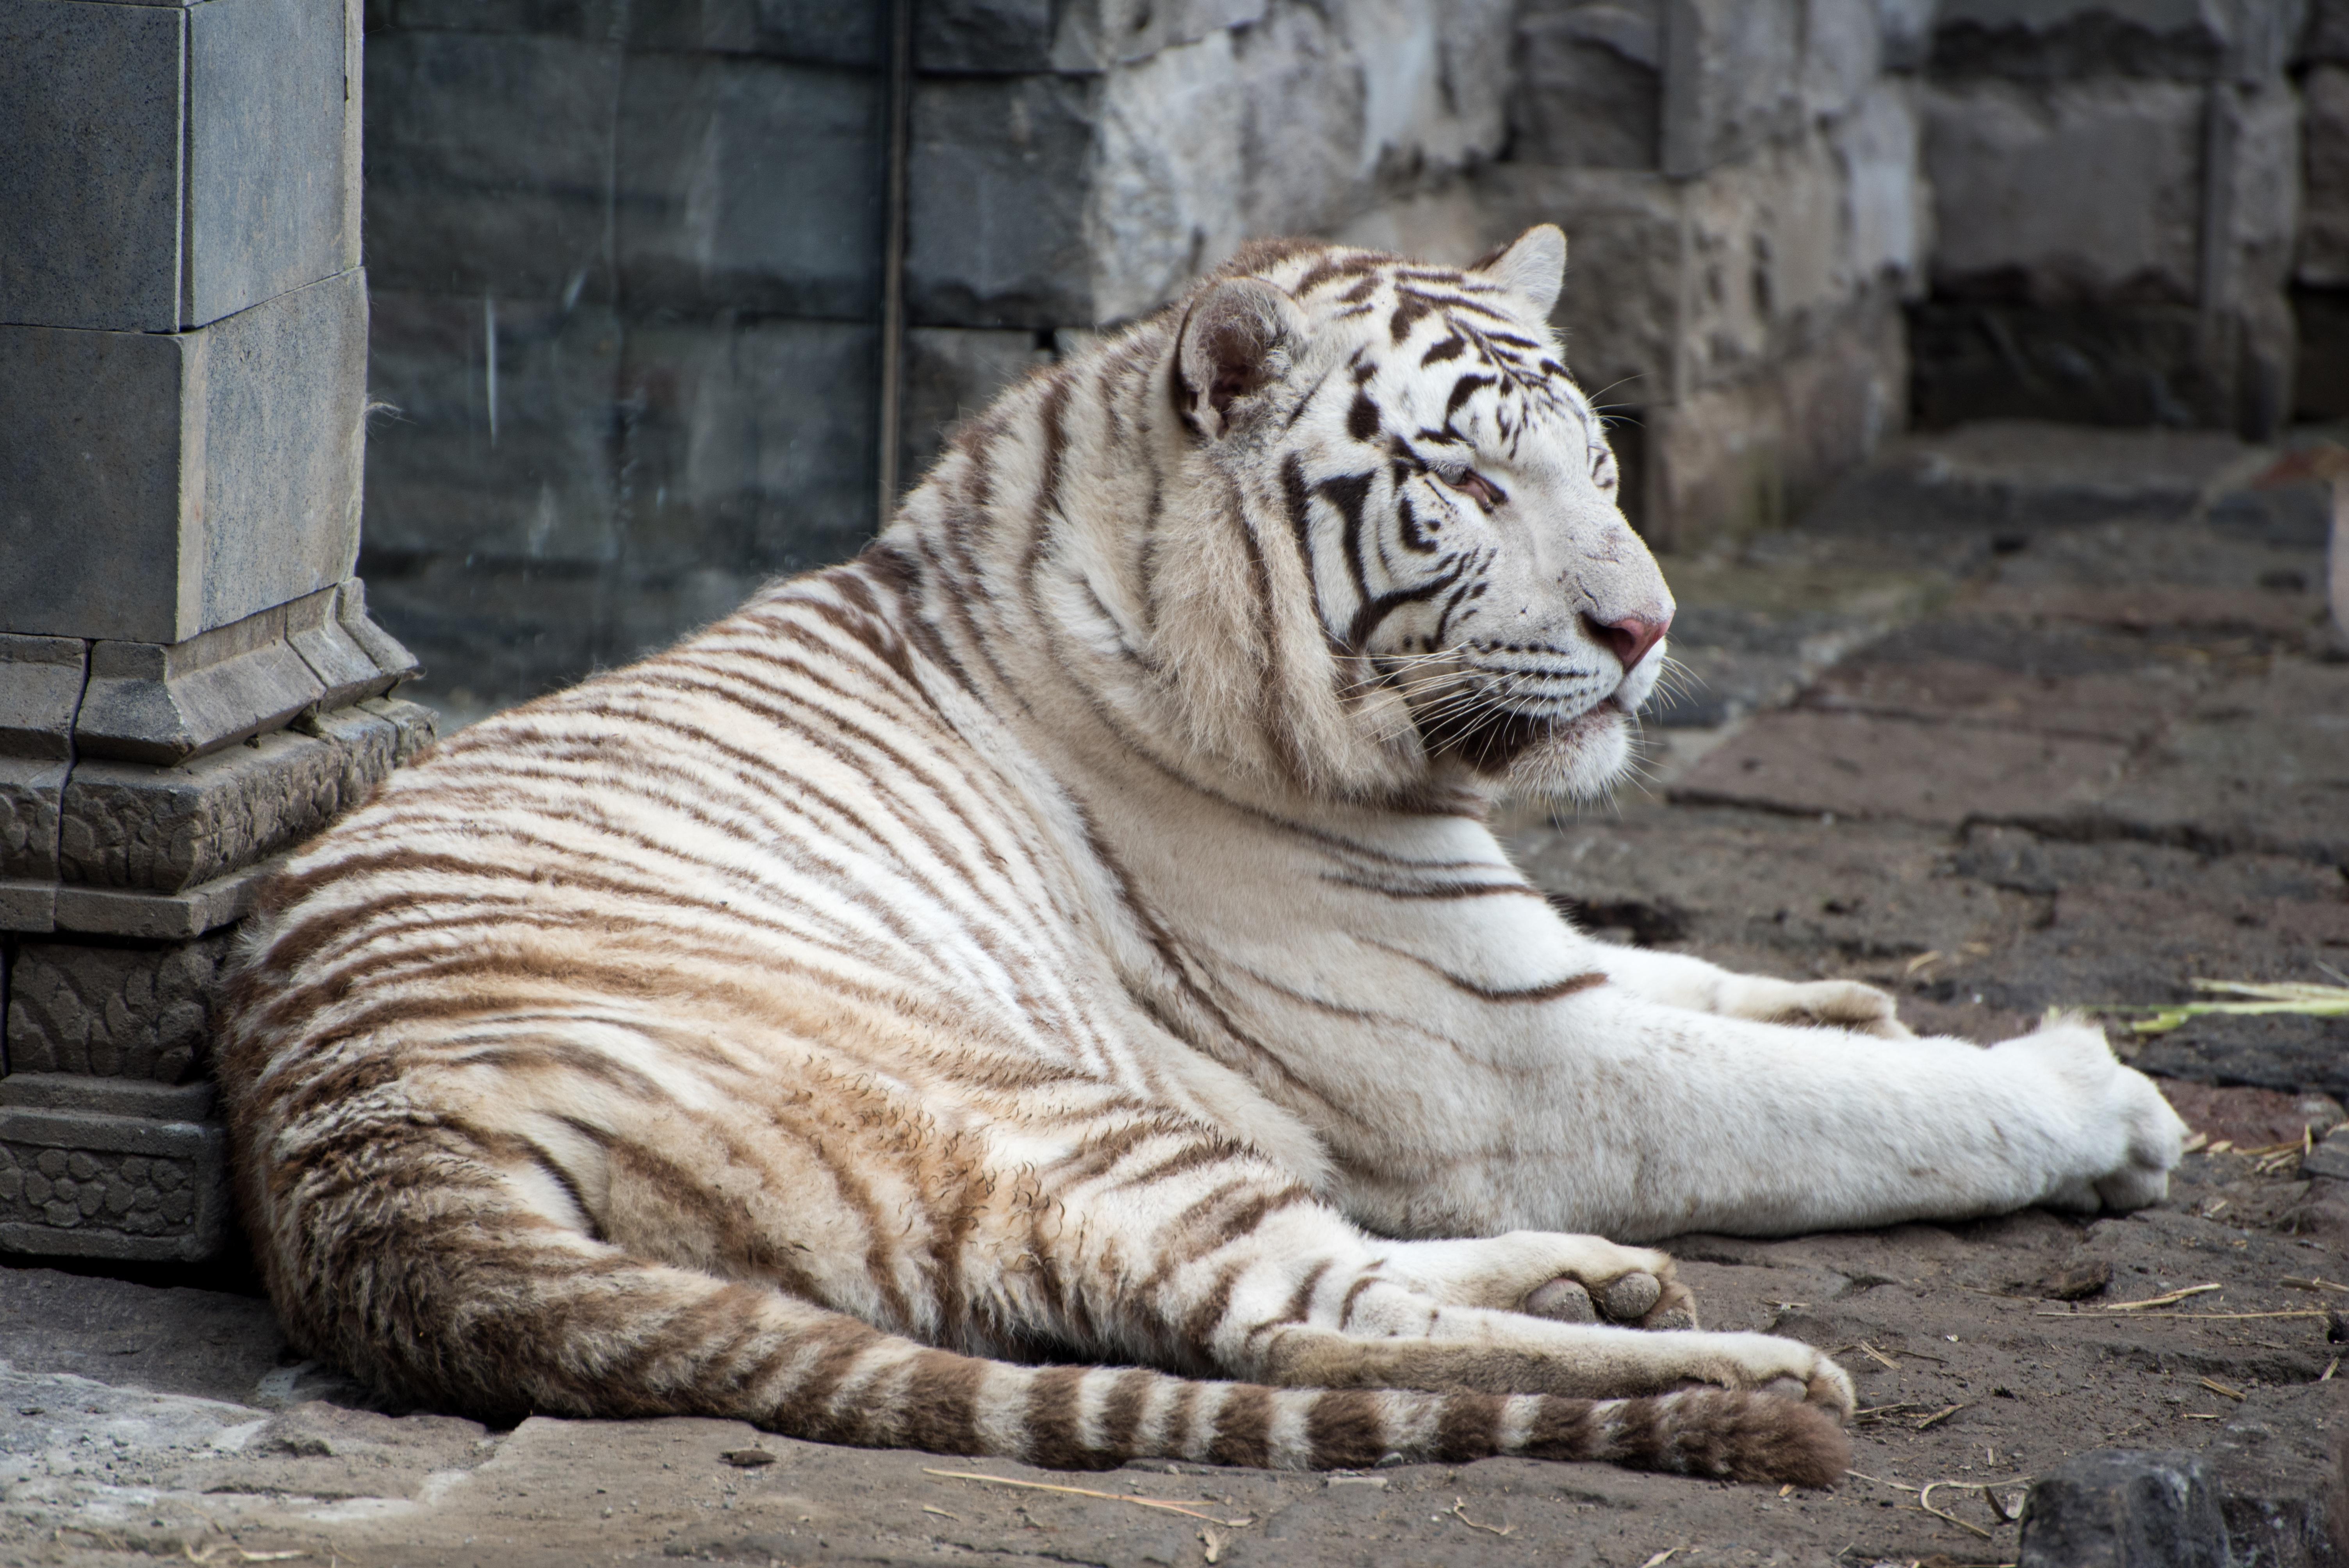 Gambar Margasatwa Liar Kebun Binatang Binatang Menyusui